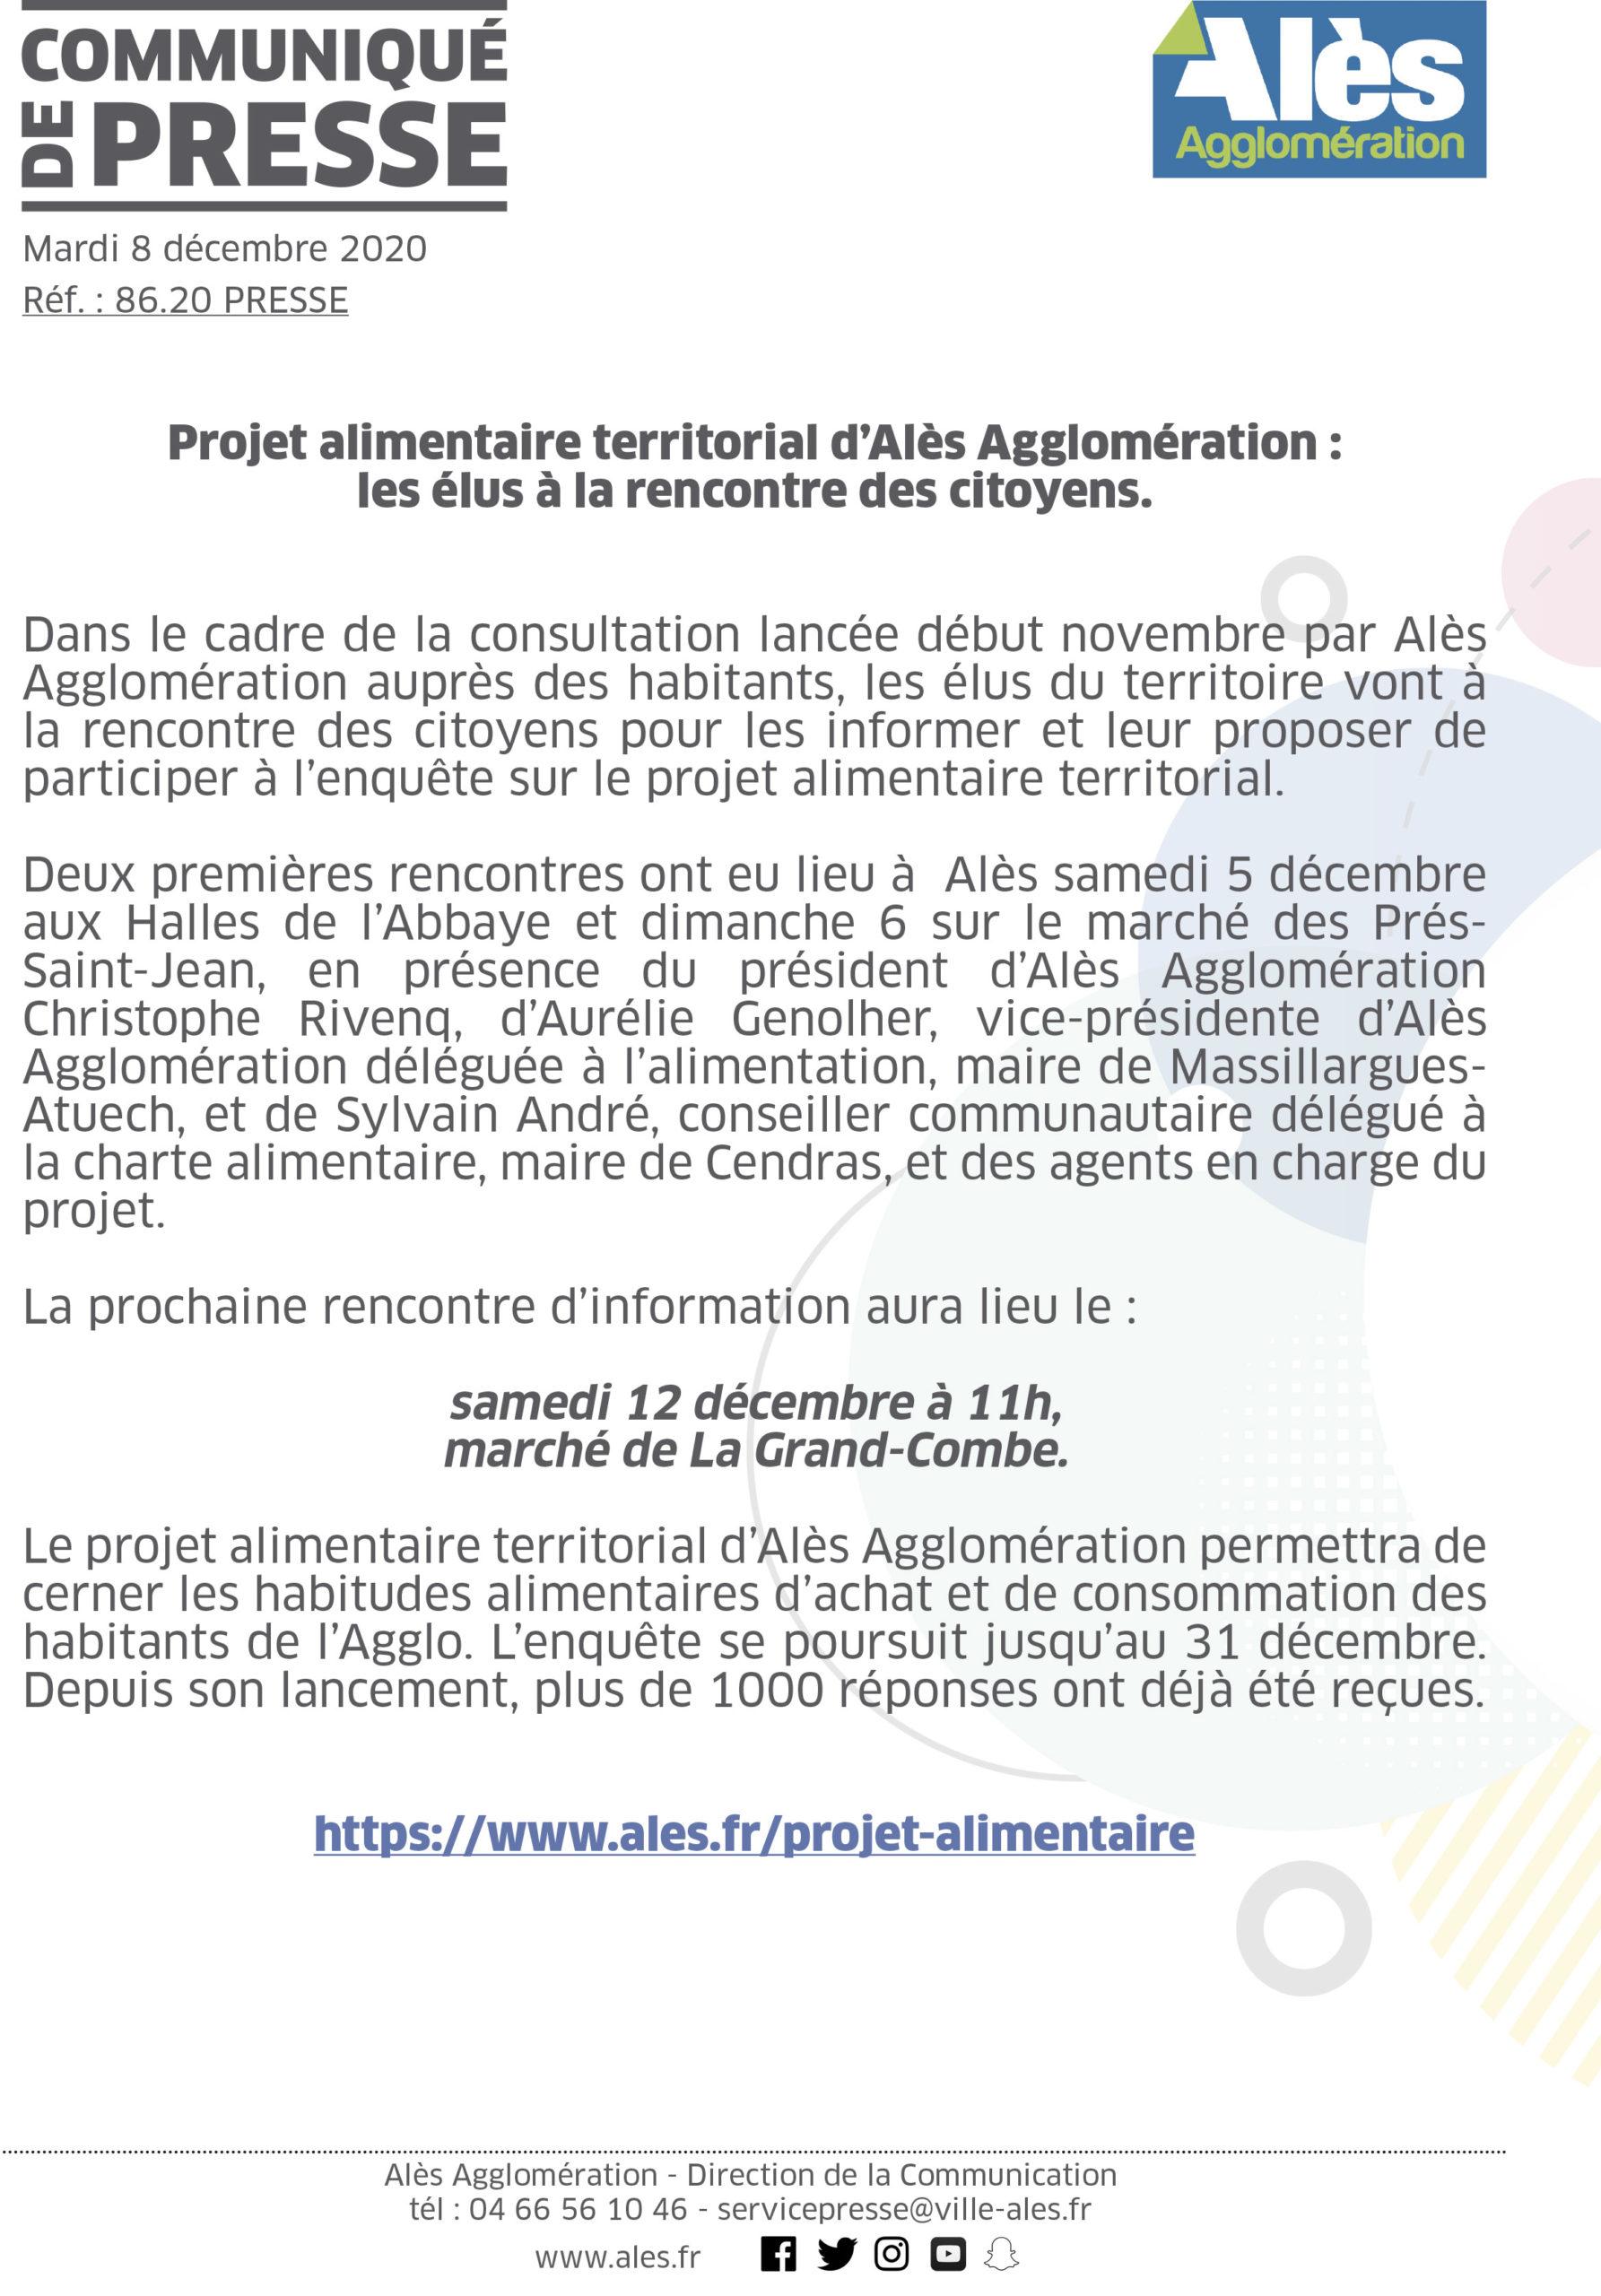 COMMUNIQUÉ DE PRESSE – Projet alimentaire territorial d'Alès Agglomération : les élus à la rencontre des citoyens.